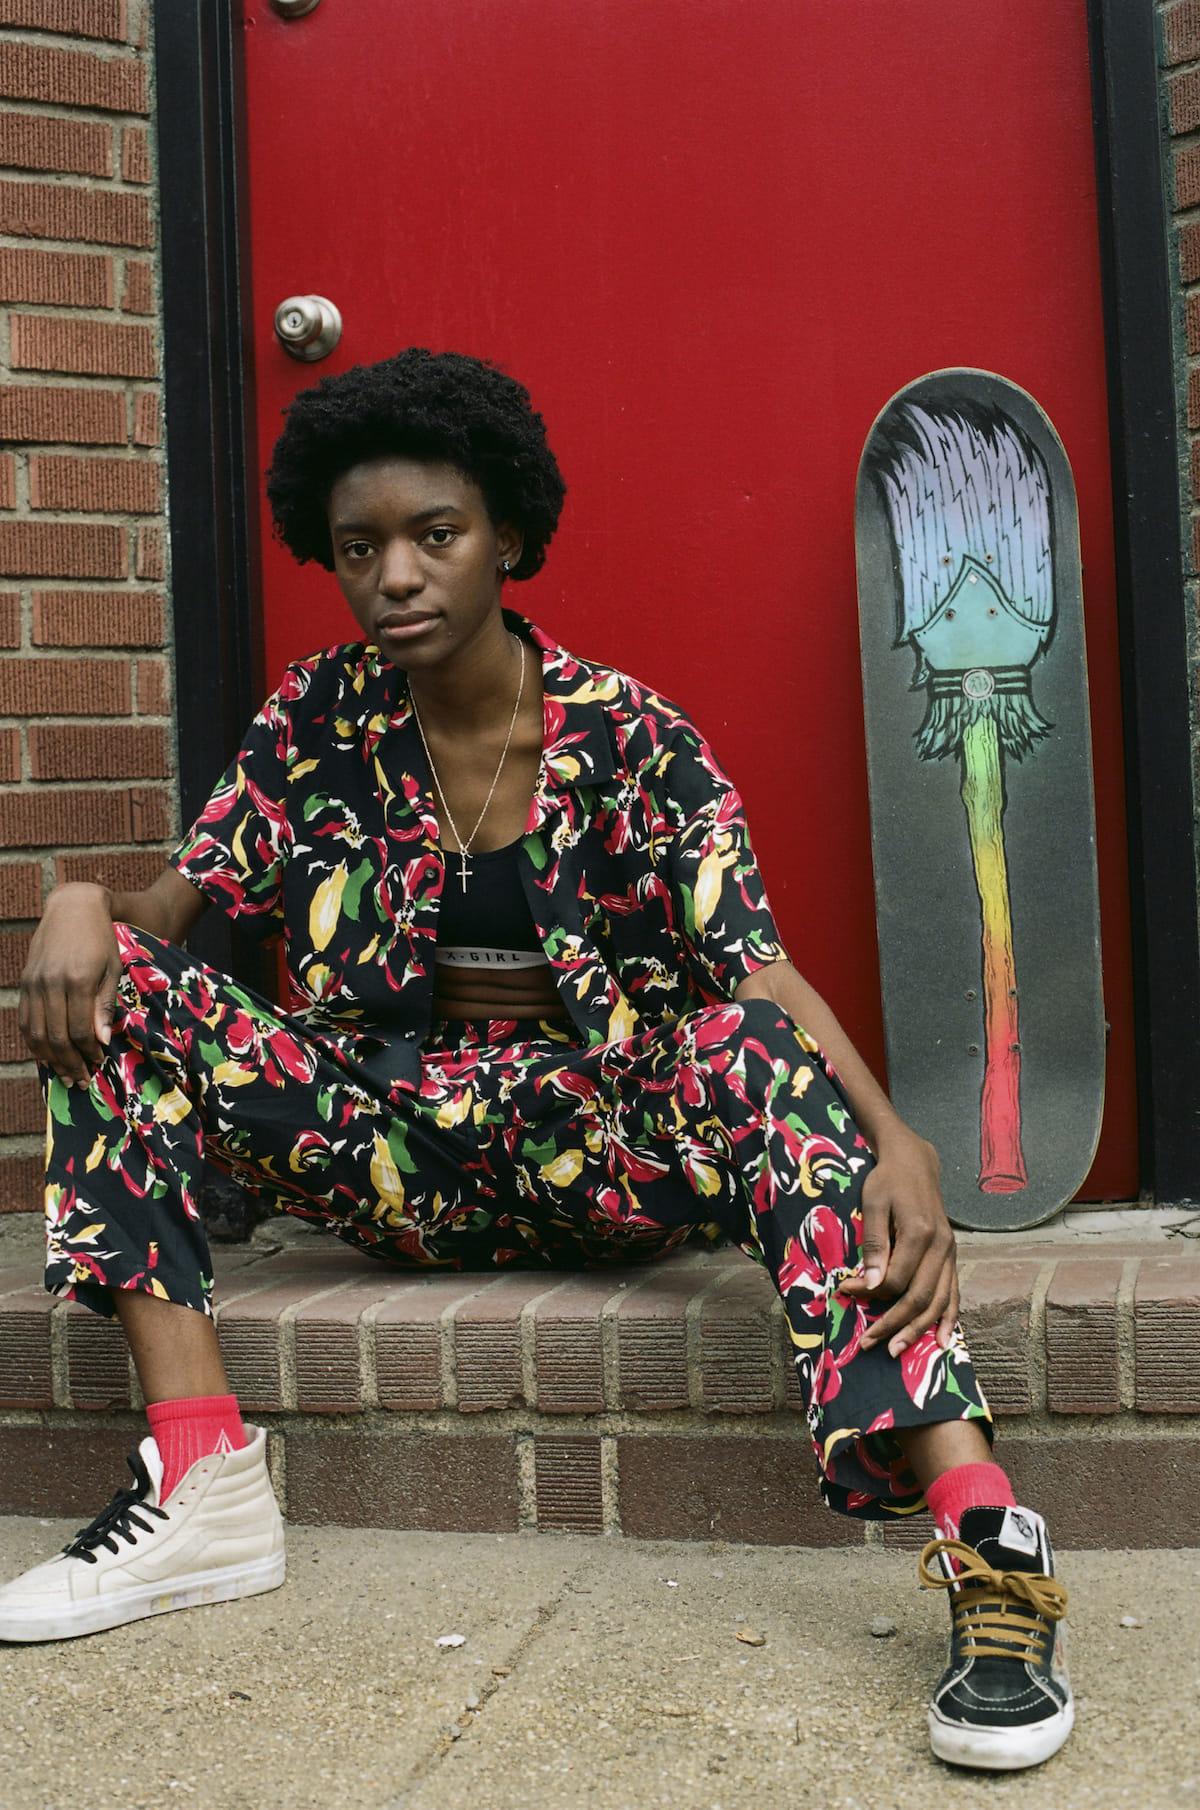 X-girl、ブランド初となるスケートボードウエアライン『#1 X-girl skateboards』が登場! fashion180525_x-girl_2-1200x1810